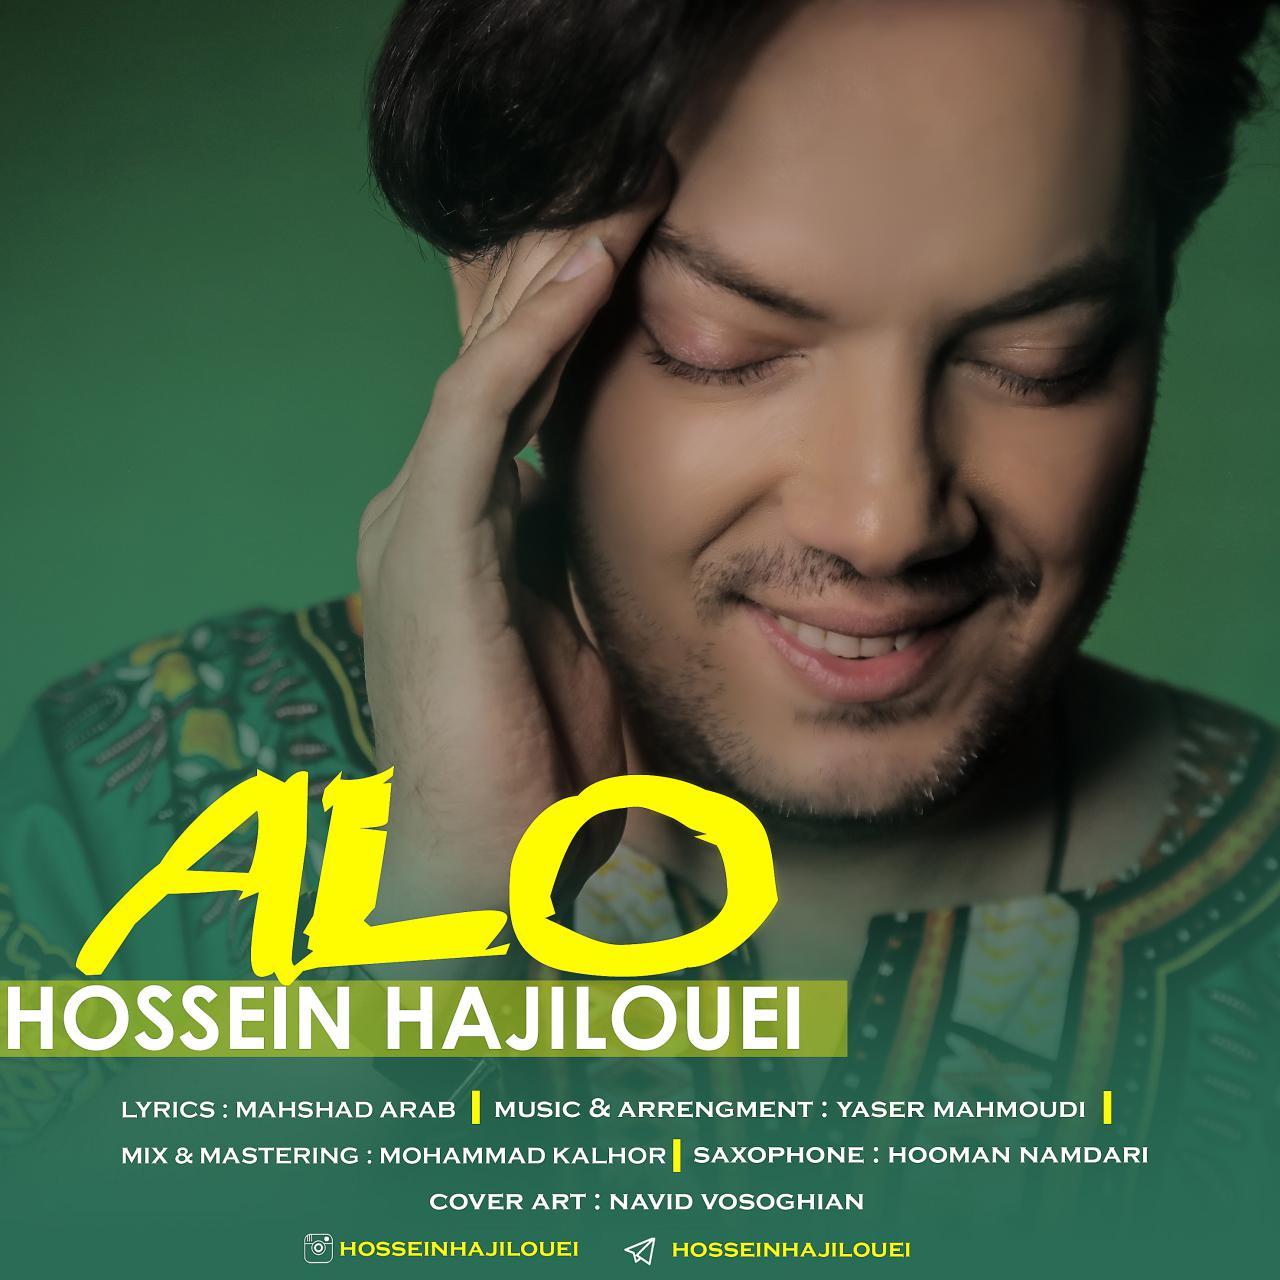 Hossein Hajilouei – Alo